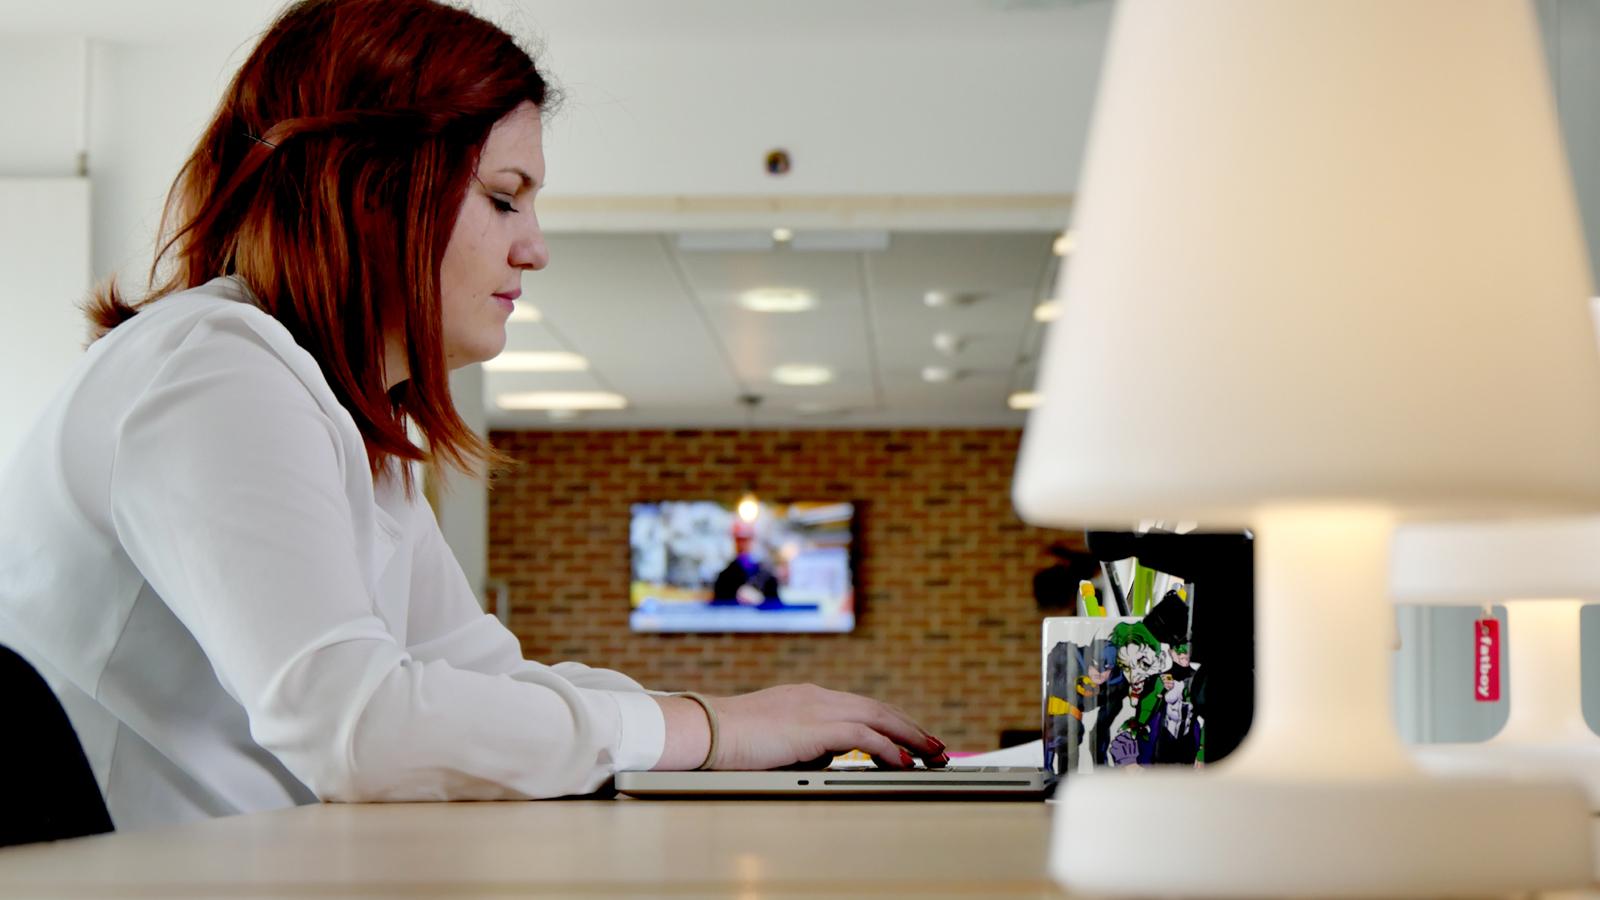 Pratique-services-coworking-femme-teletravail